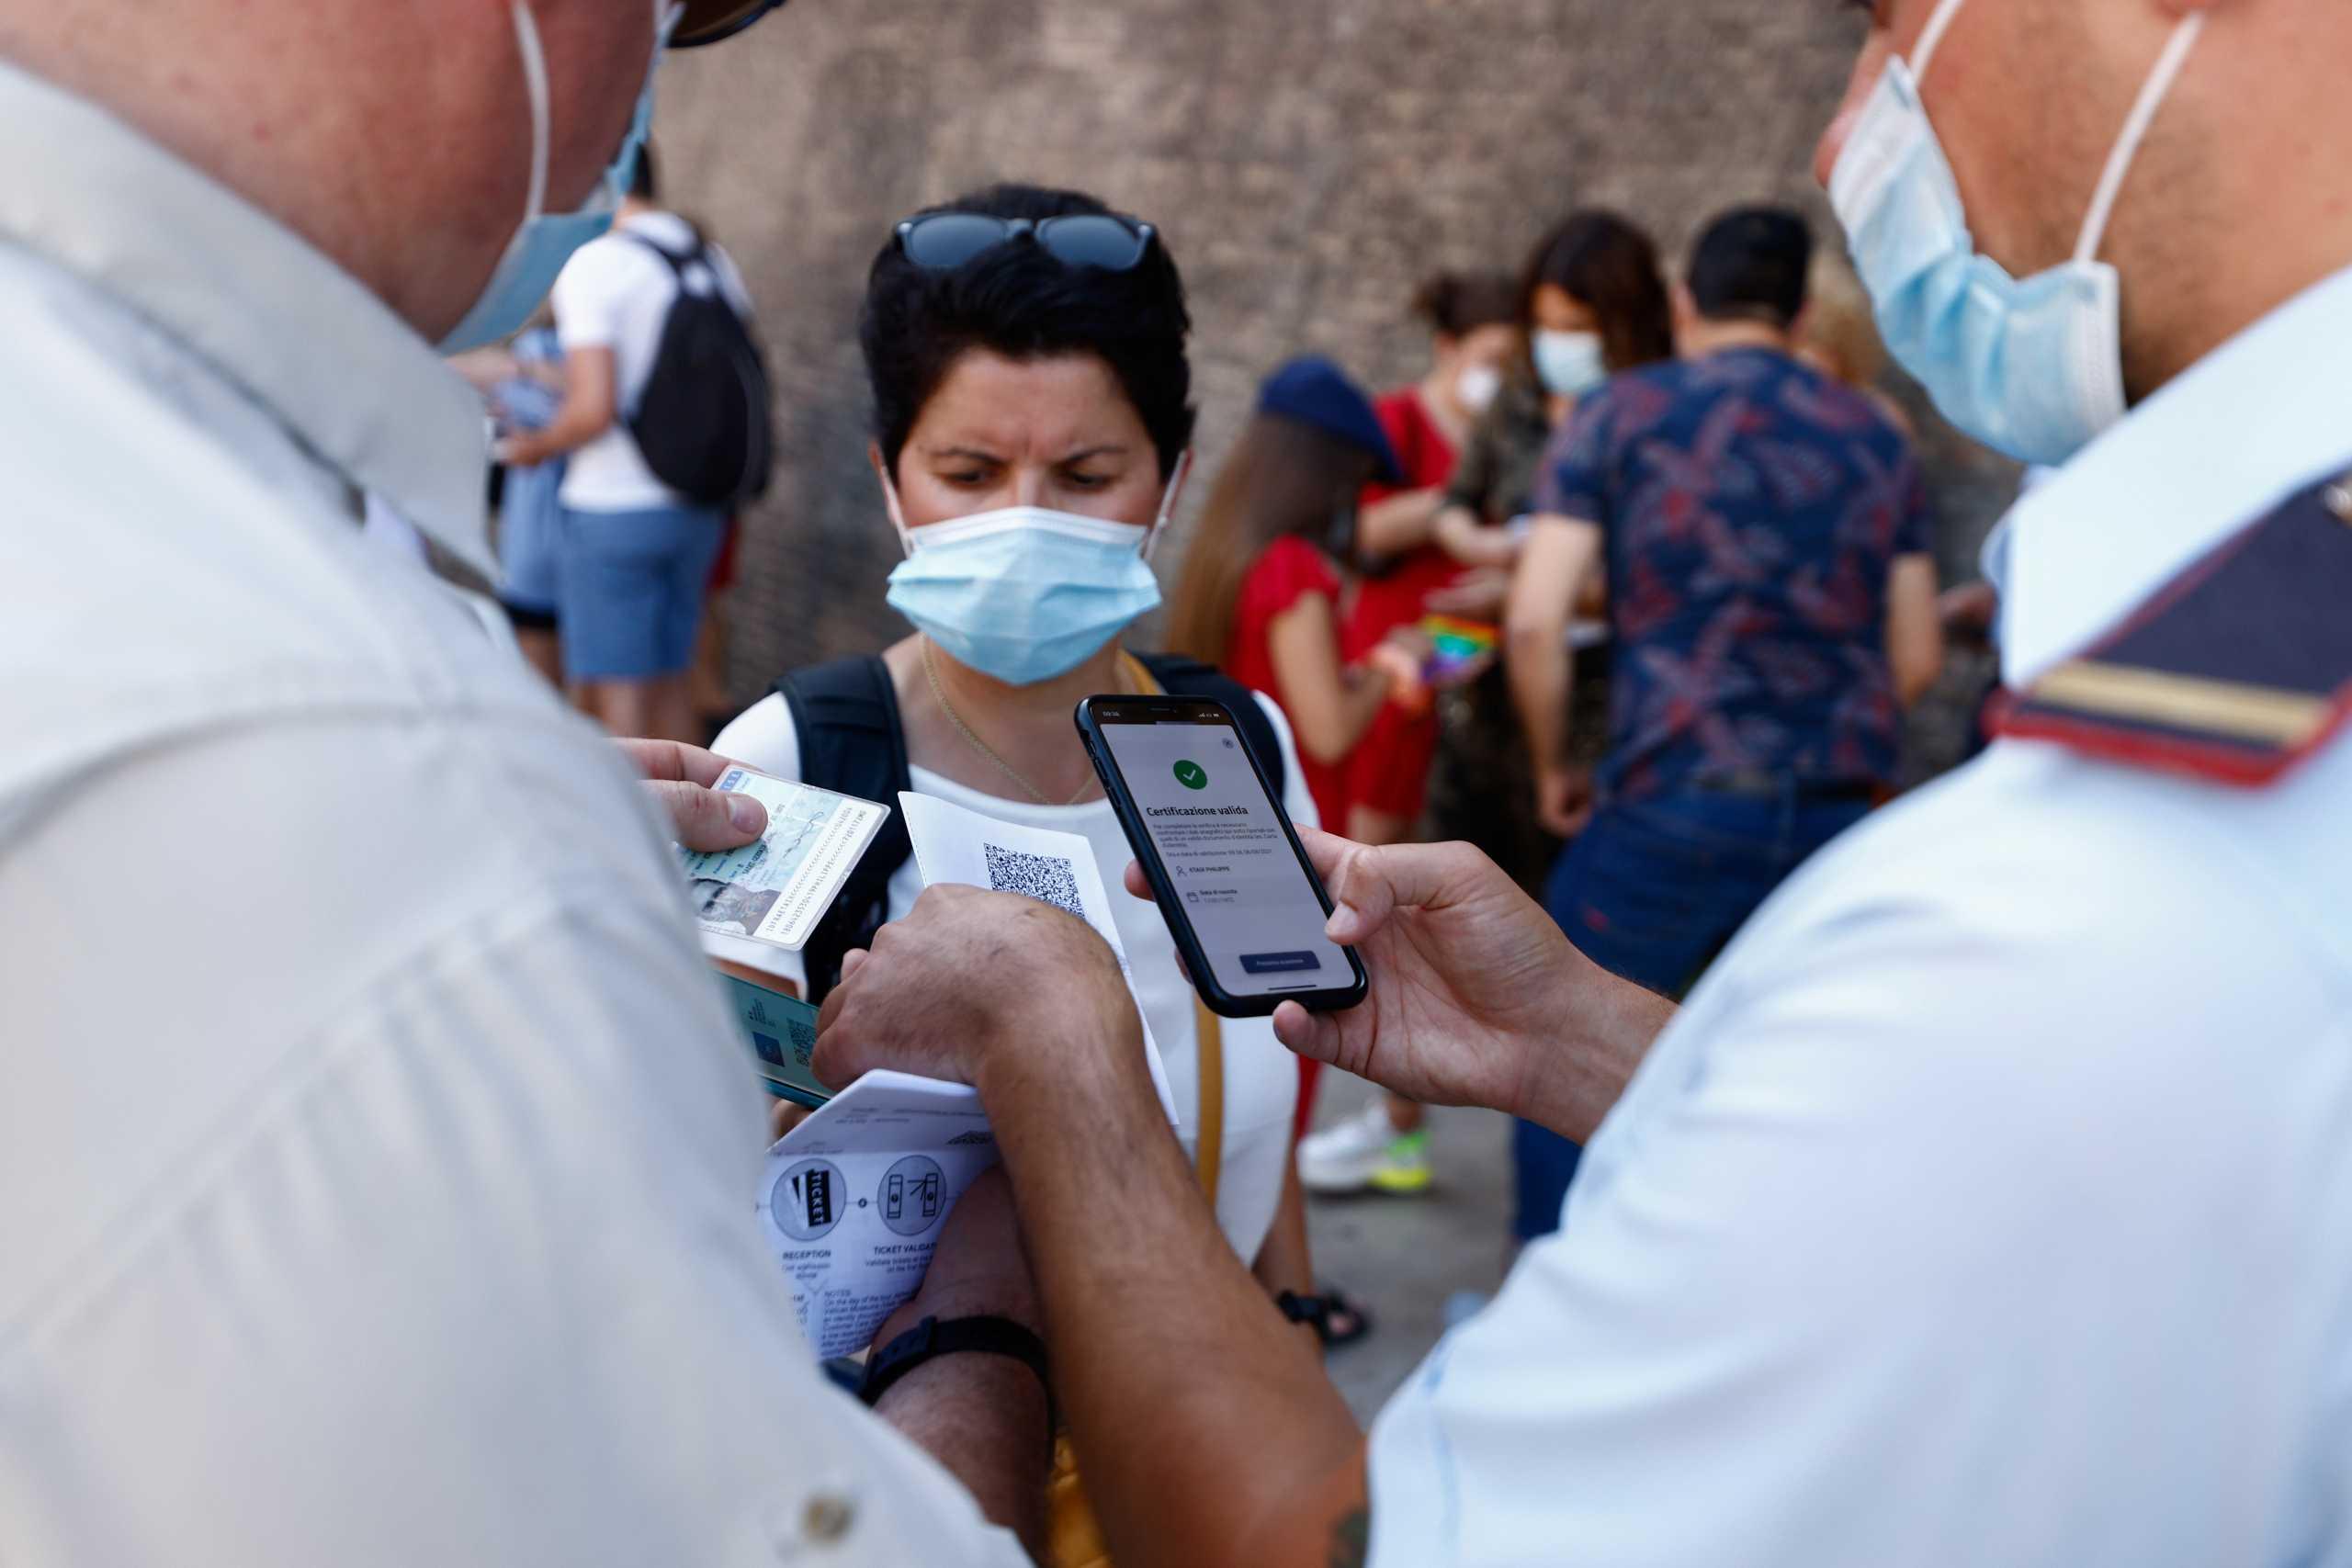 Κορονοϊός: Η Ρωσία επιδιώκει αμοιβαία αναγνώριση των πιστοποιητικών εμβολιασμού με την ΕΕ